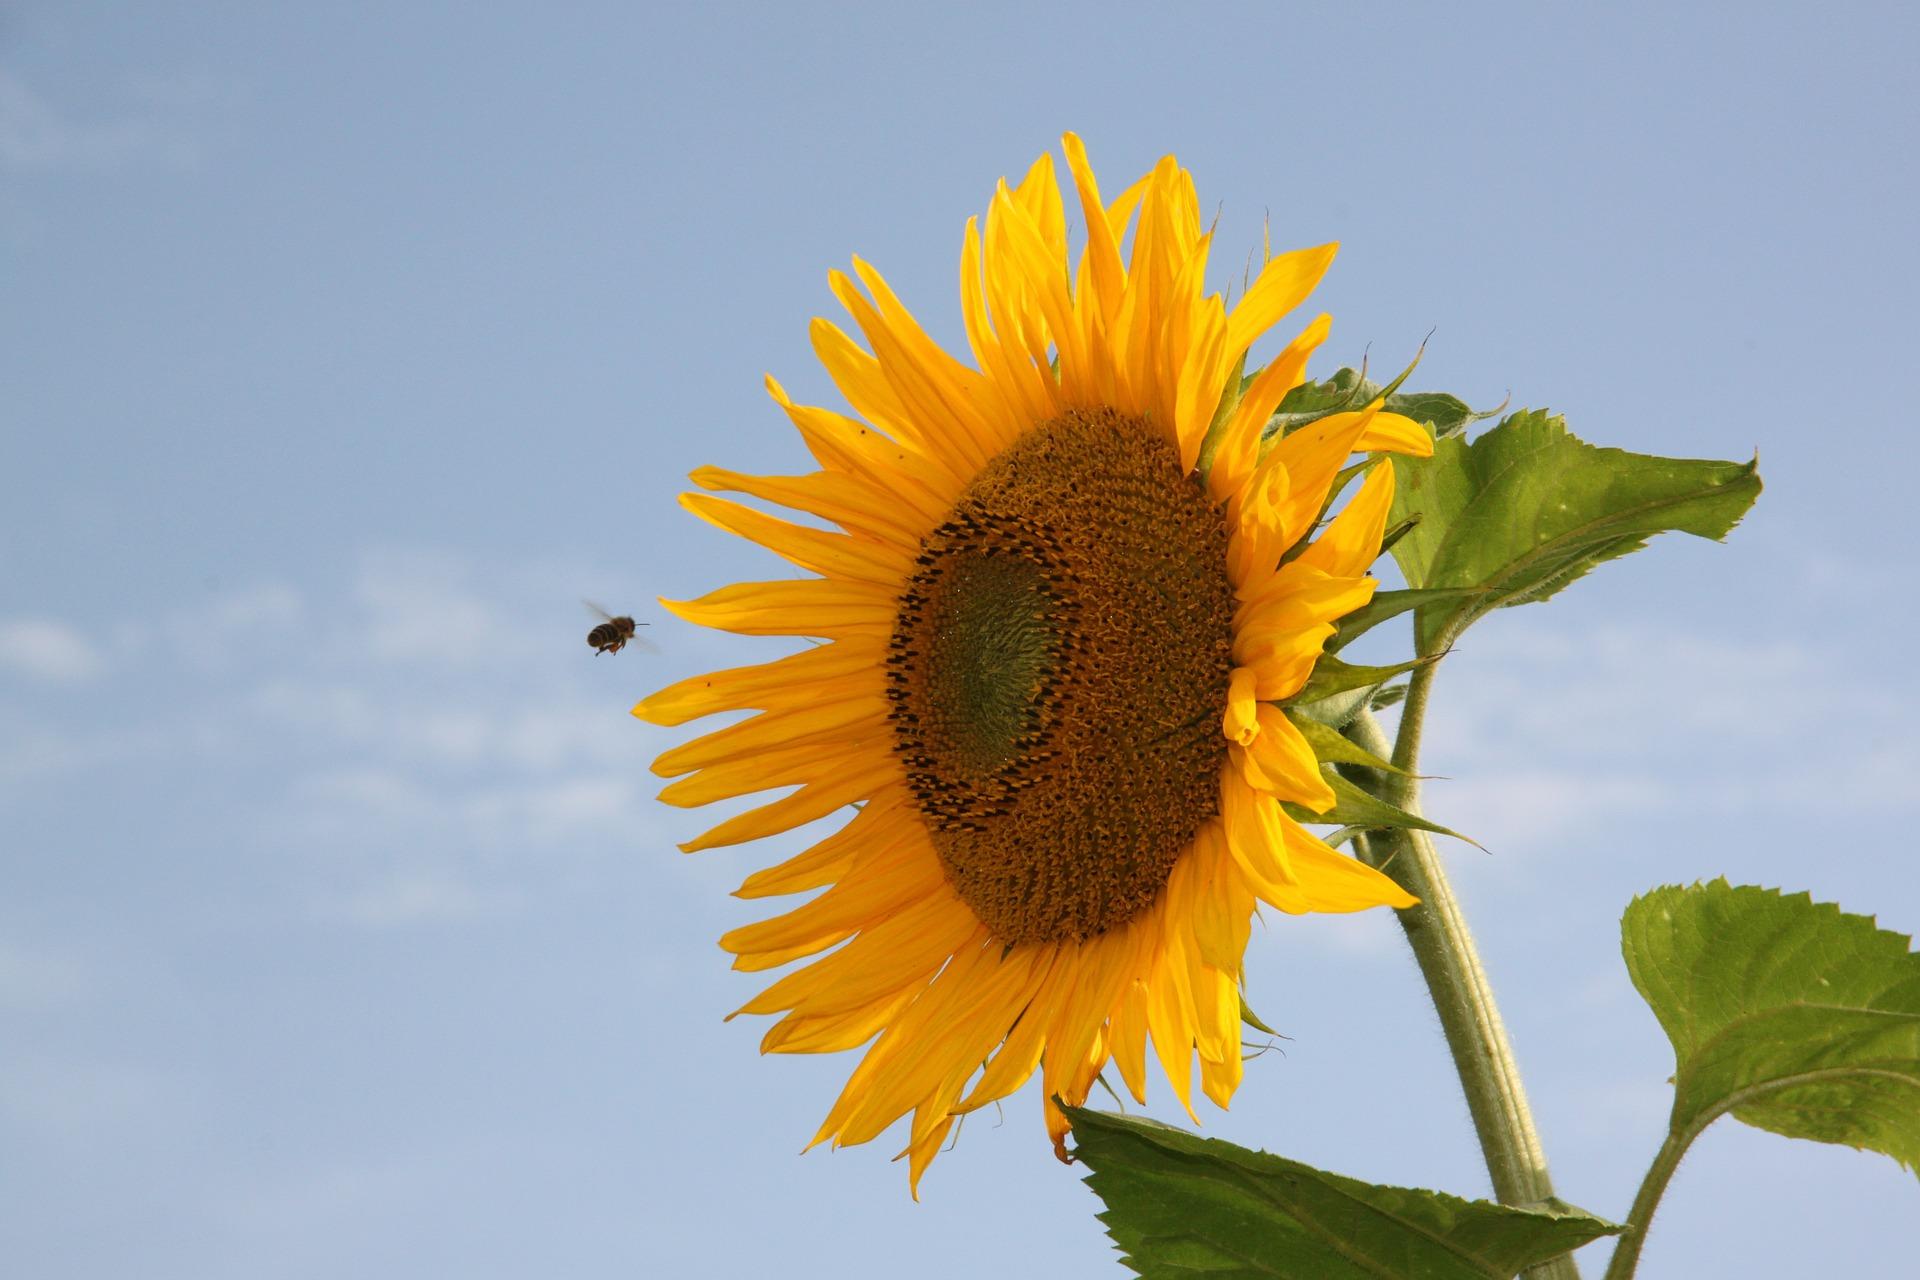 ひまわり, 蜂, 花粉, 夏, 空 - HD の壁紙 - 教授-falken.com